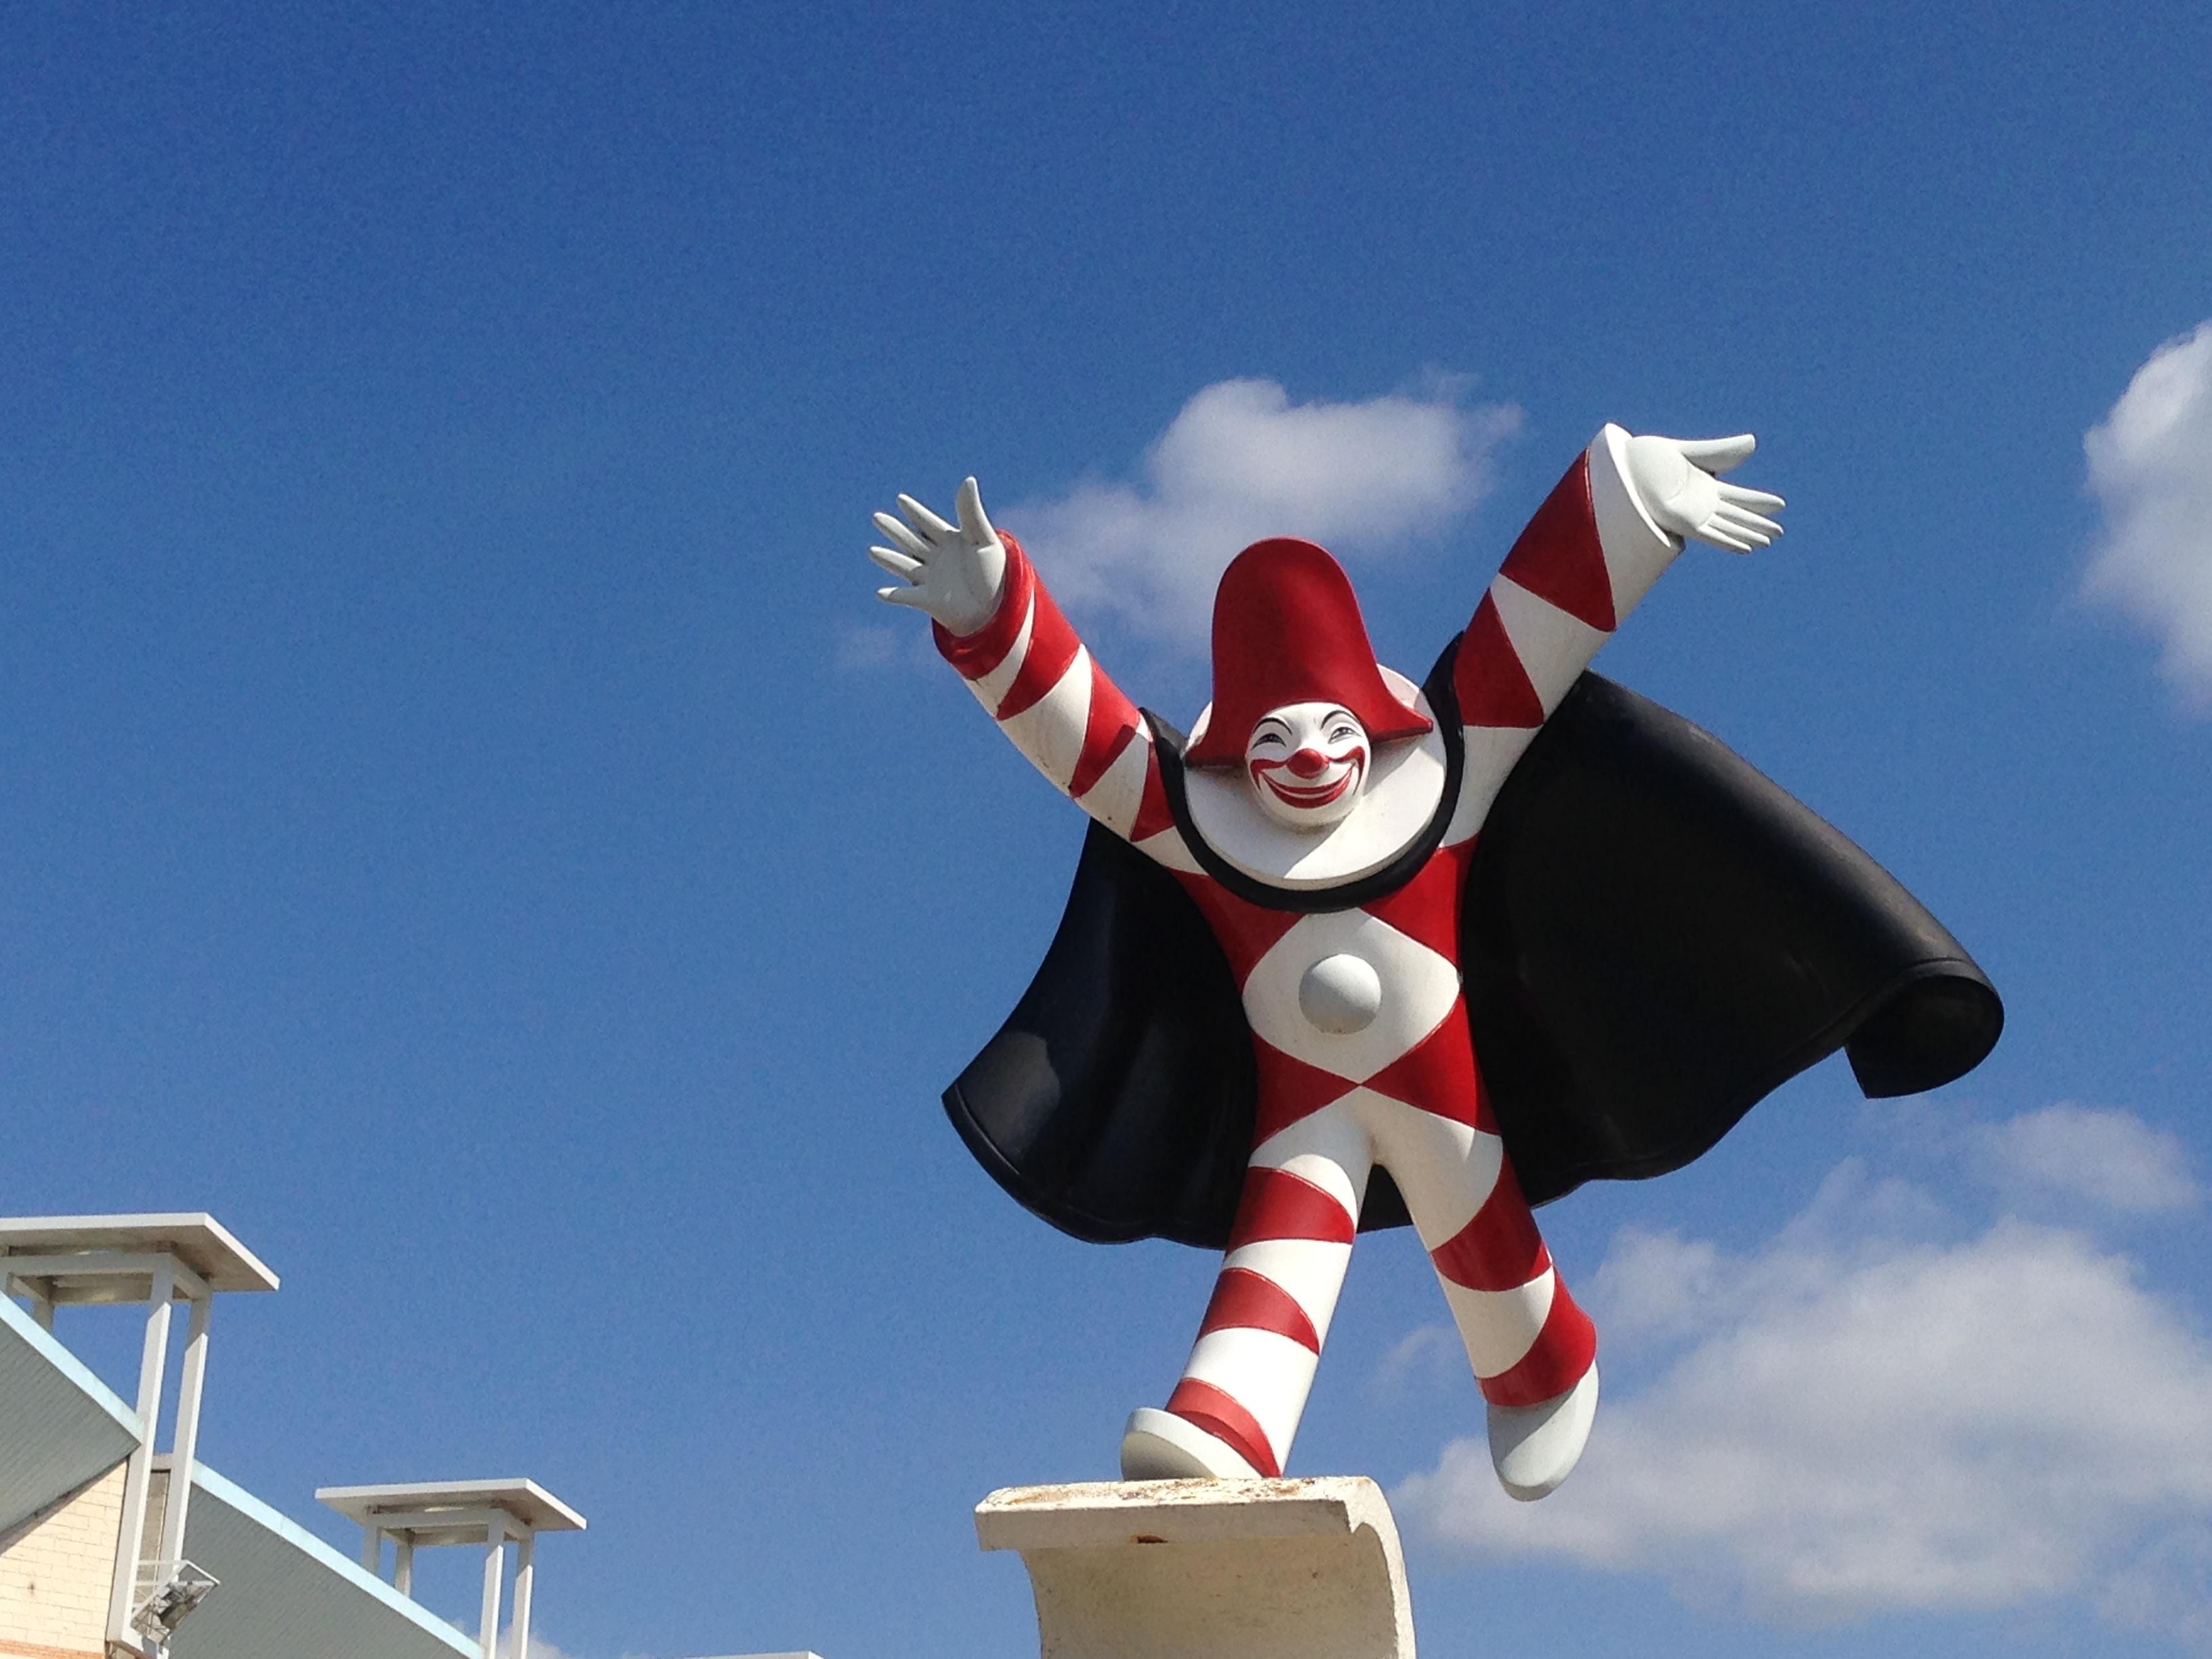 stile popolare acquista lusso stile limitato Carnevale di Viareggio - Wikipedia